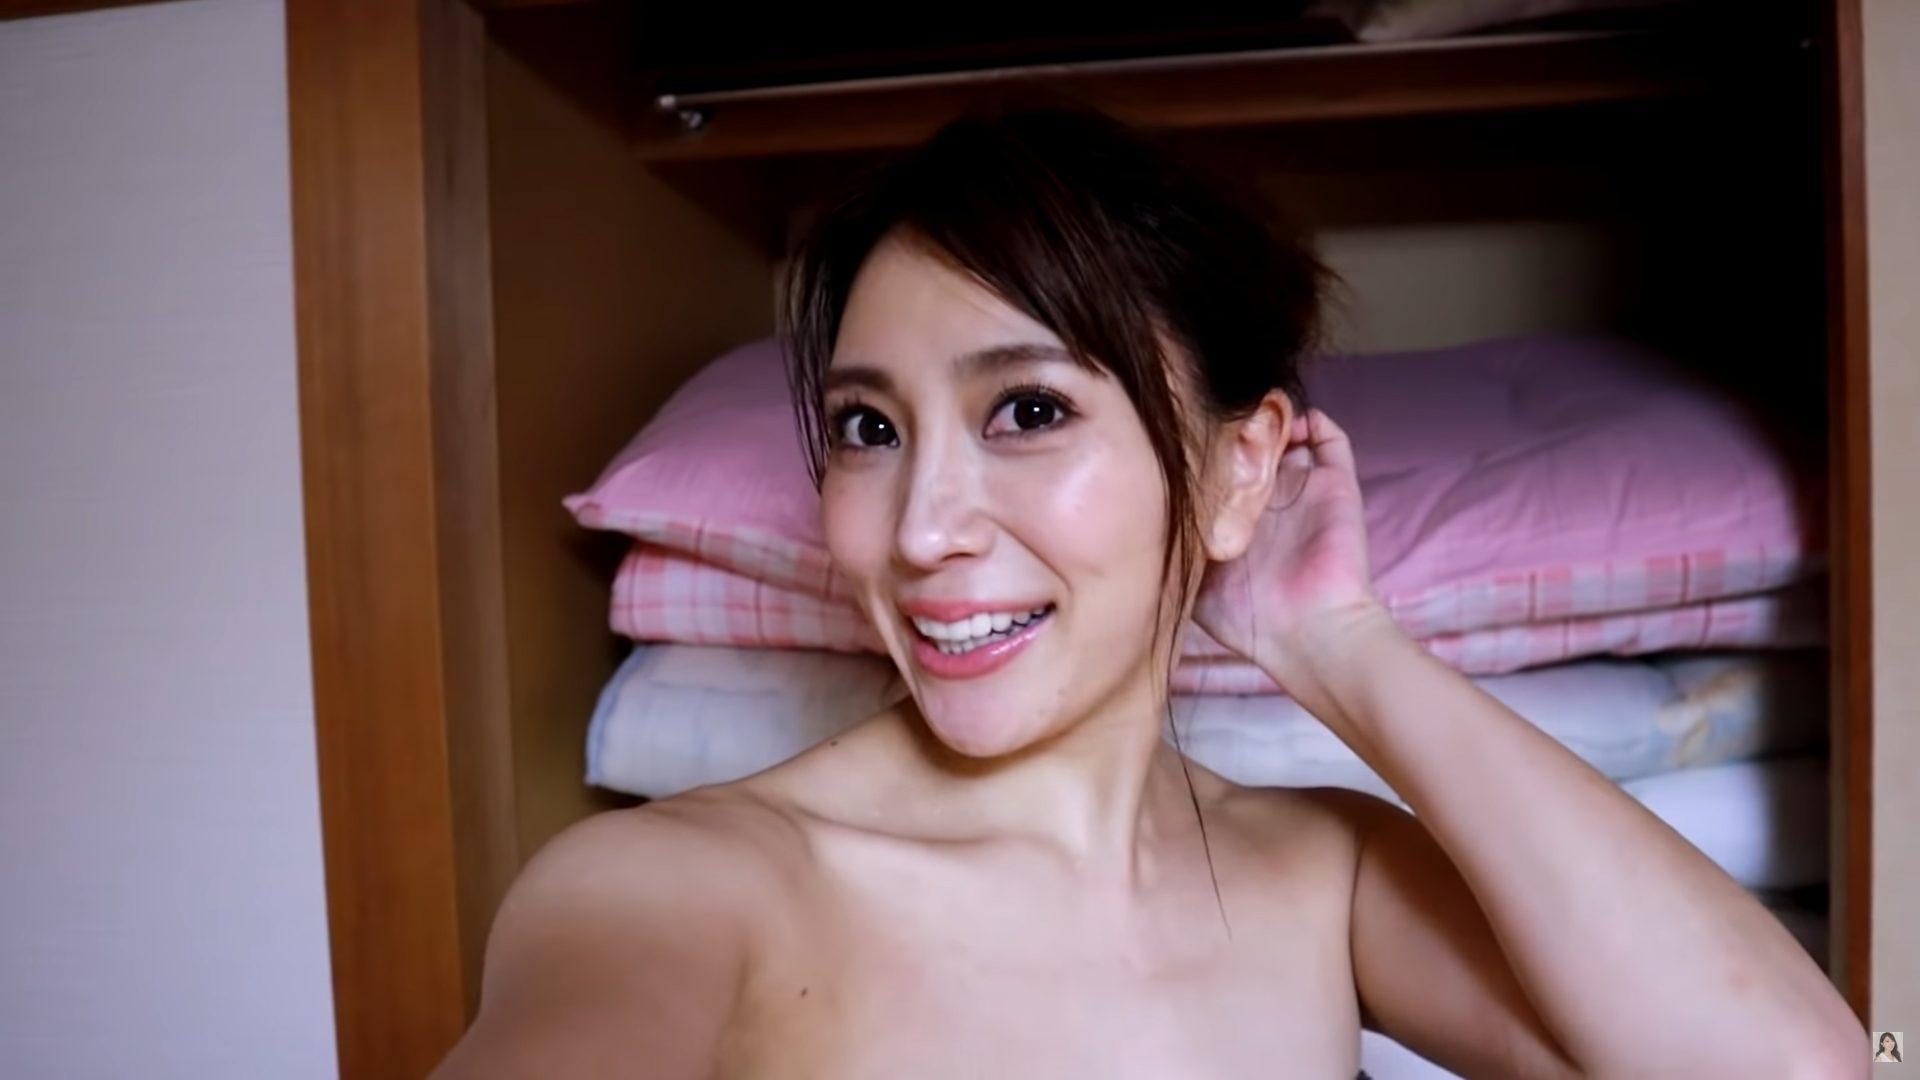 【森咲智美】Gカップ43 新作イメージ「冬恋」撮影裏側動画!セクシーな姿を披露!